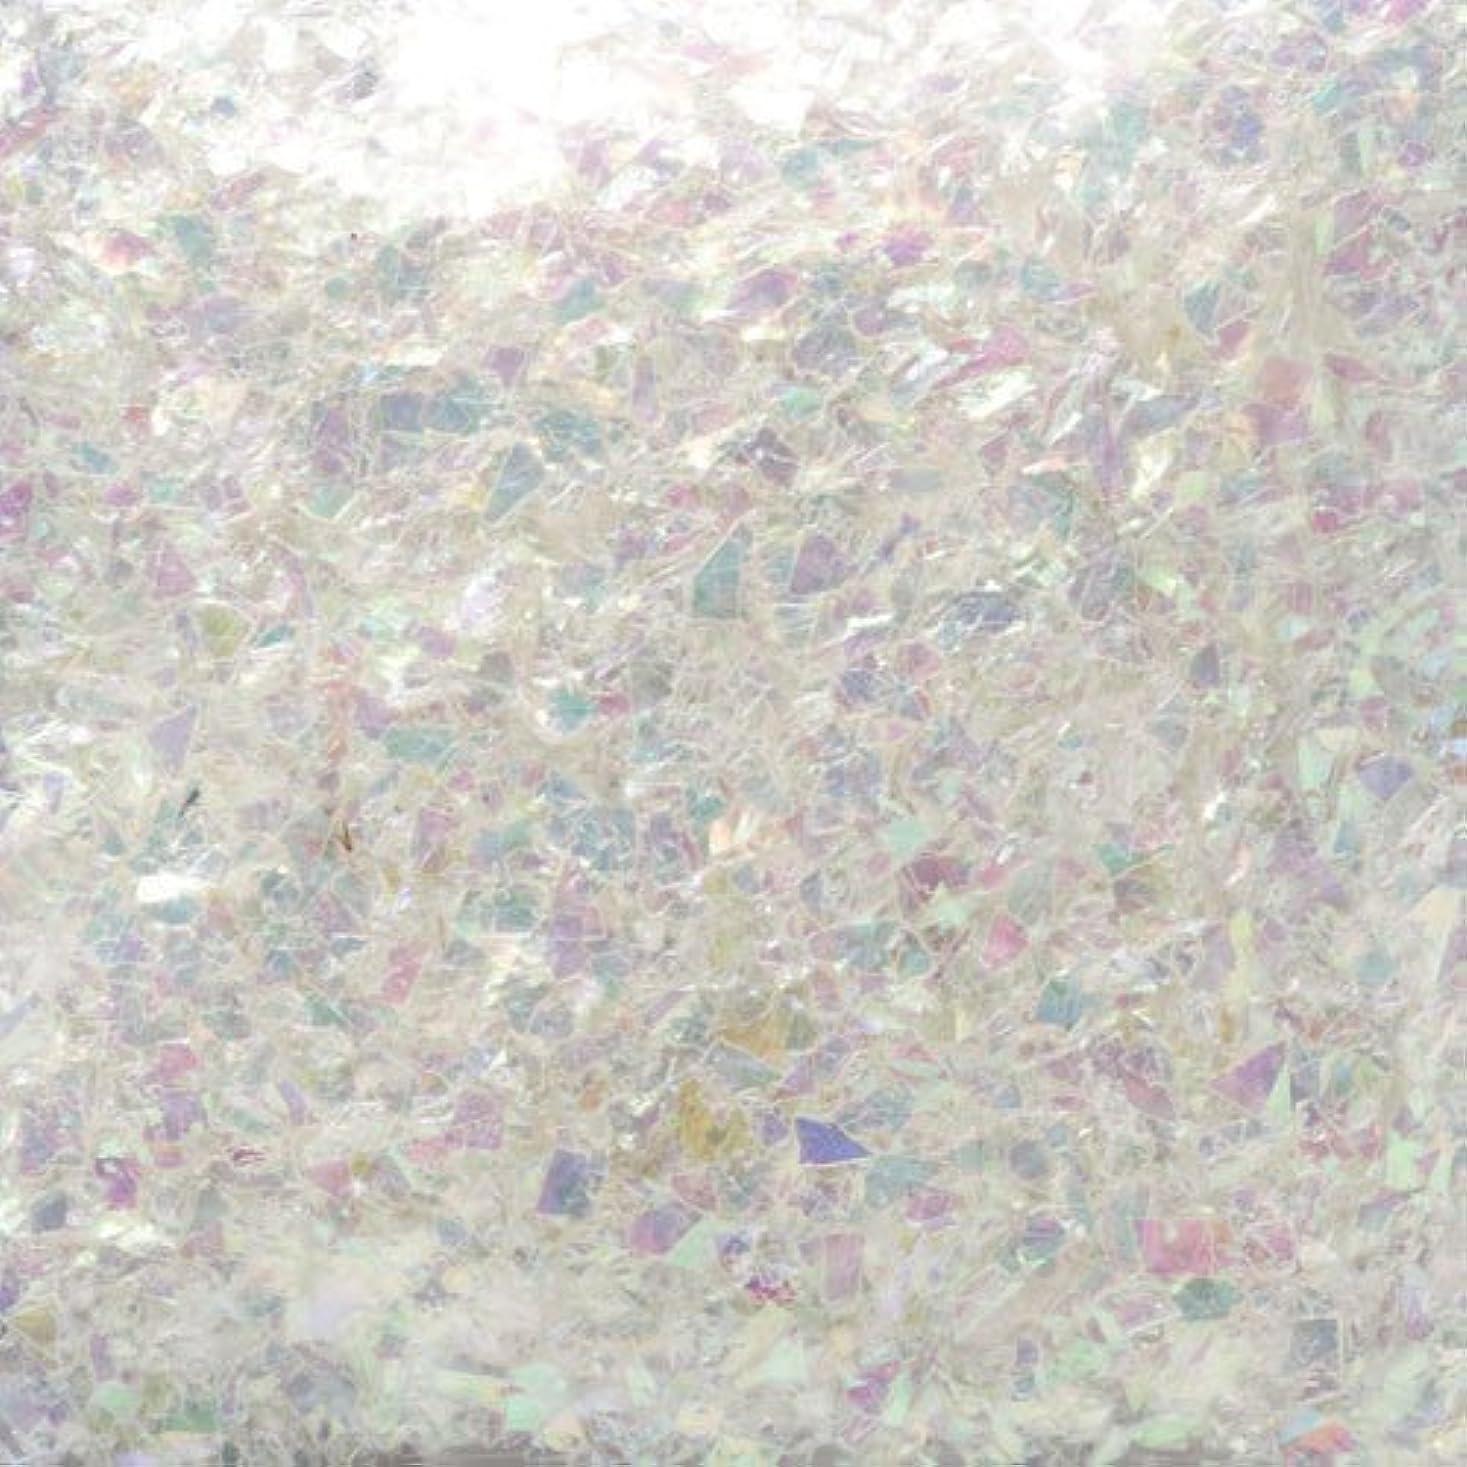 要求含めるロードブロッキングピカエース ネイル用パウダー ピカエース 乱切オーロラ #710 ホワイト 1g アート材